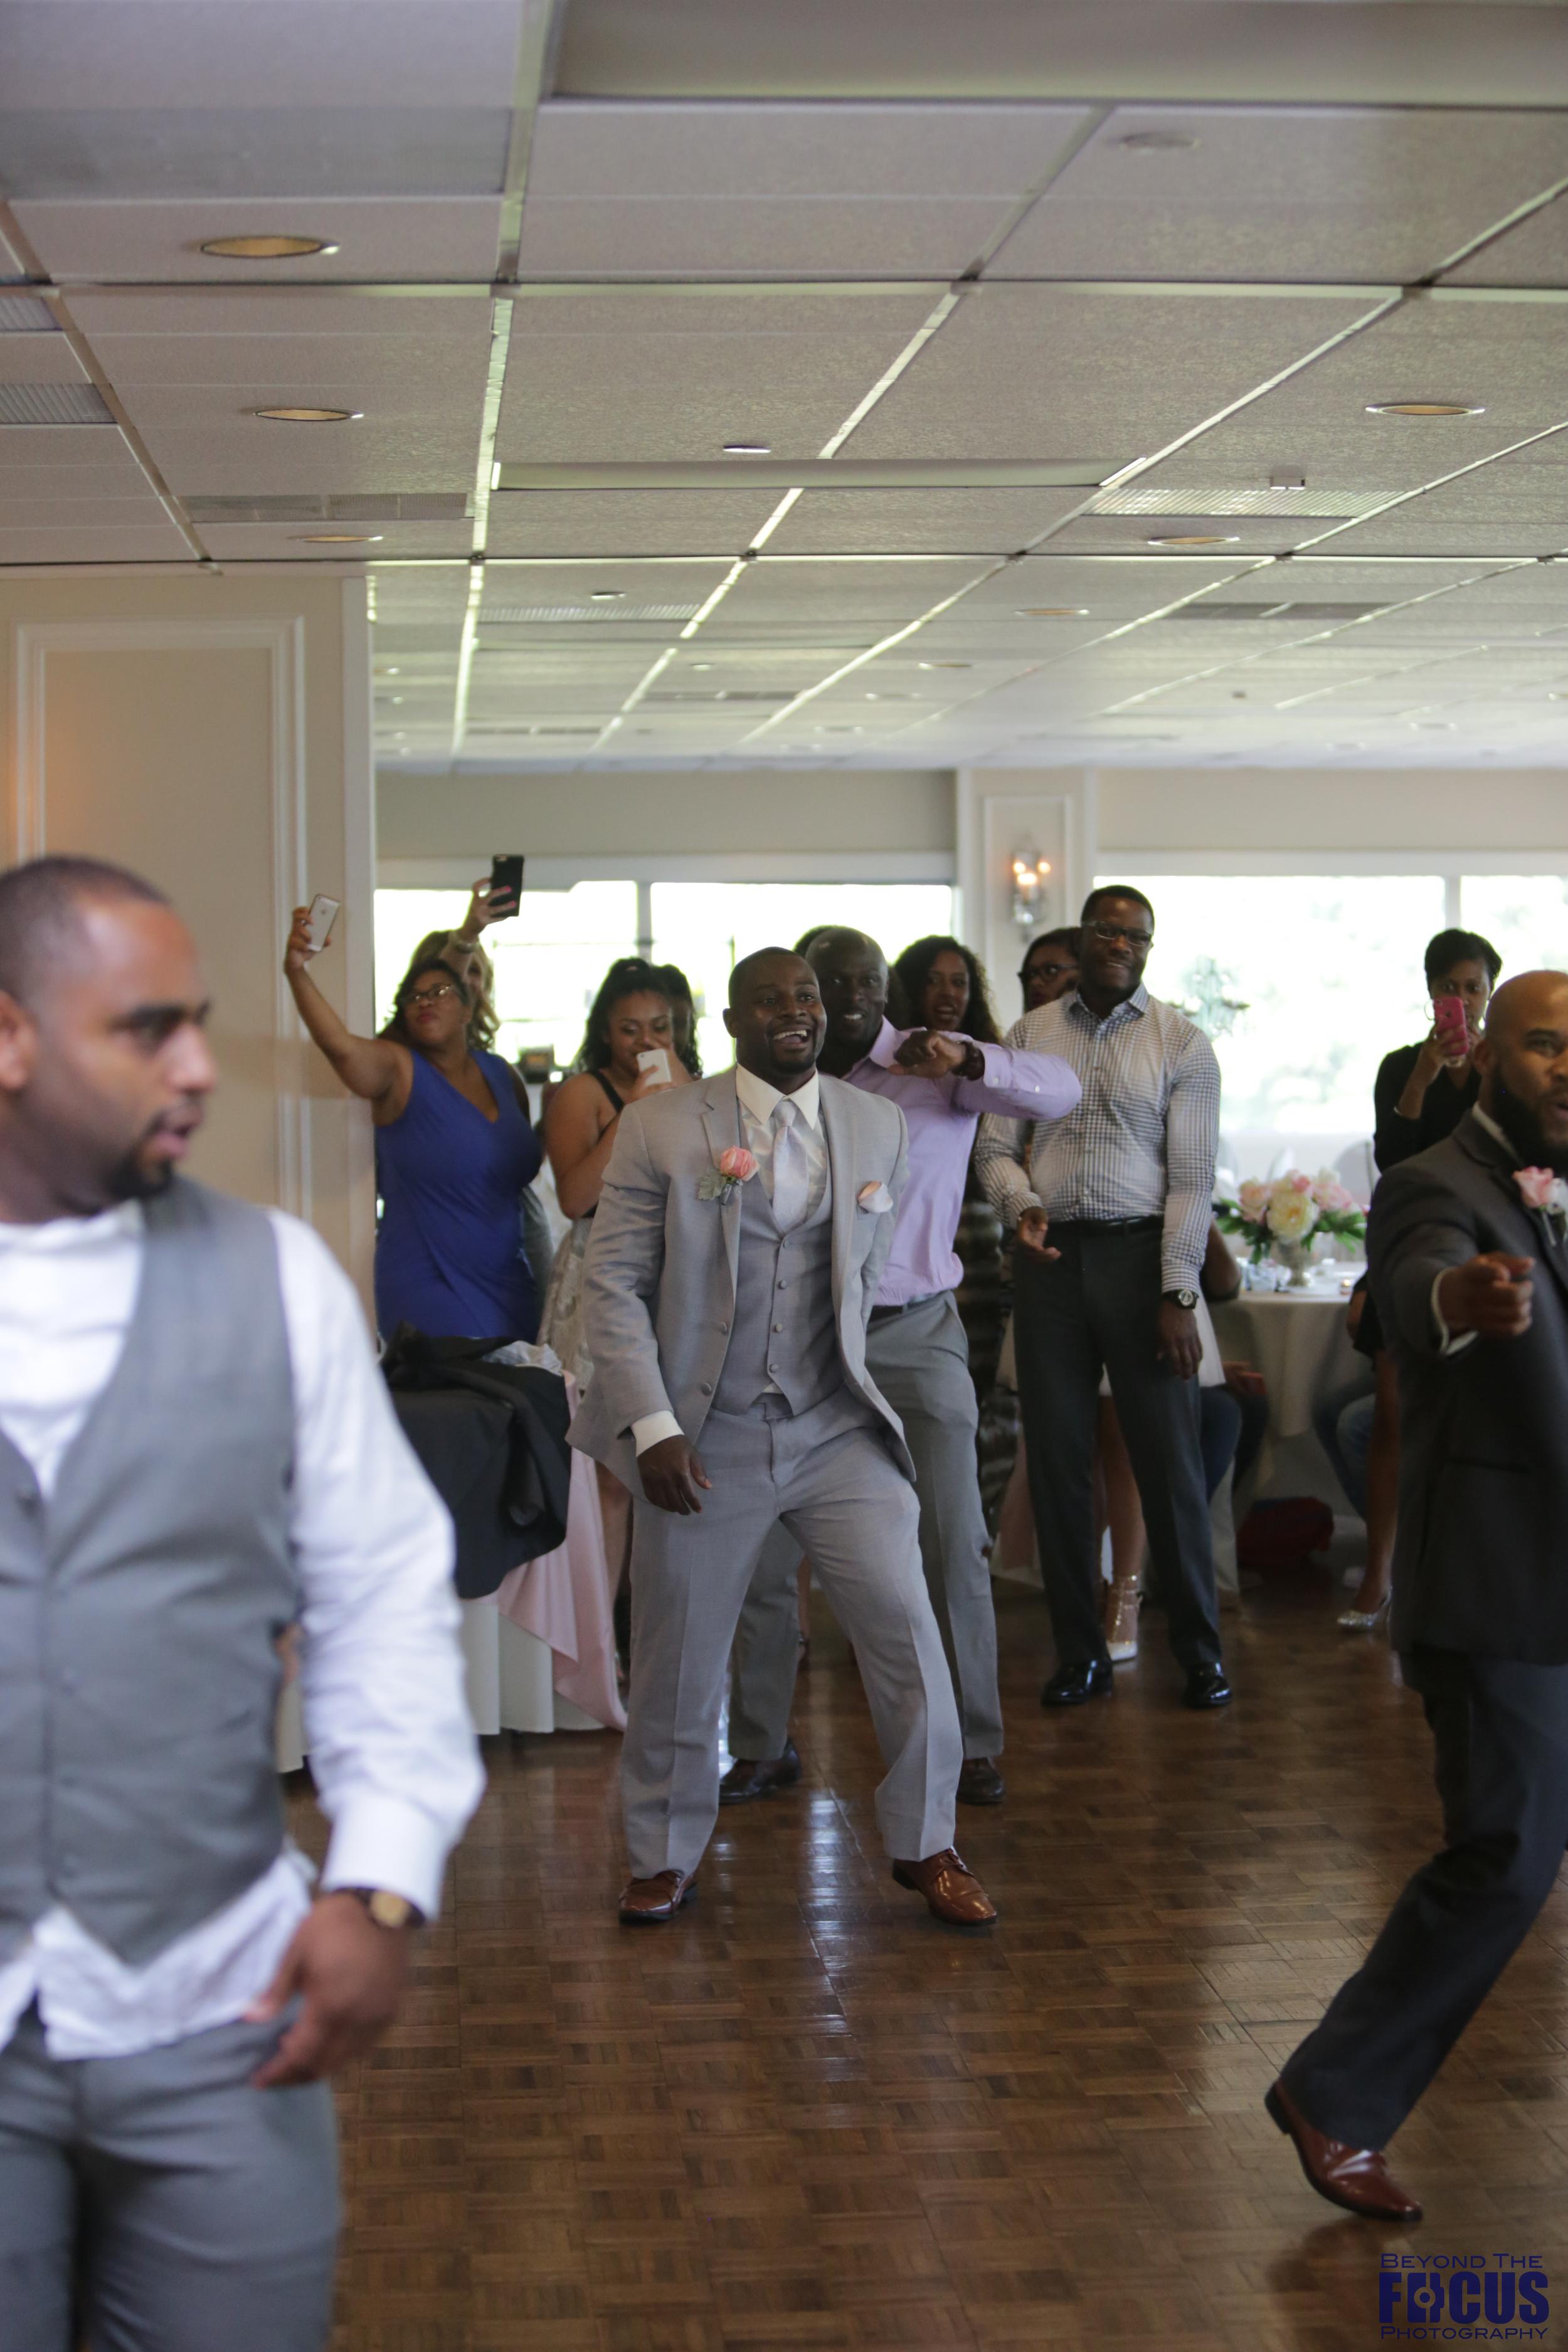 Palmer Wedding - Reception 215.jpg